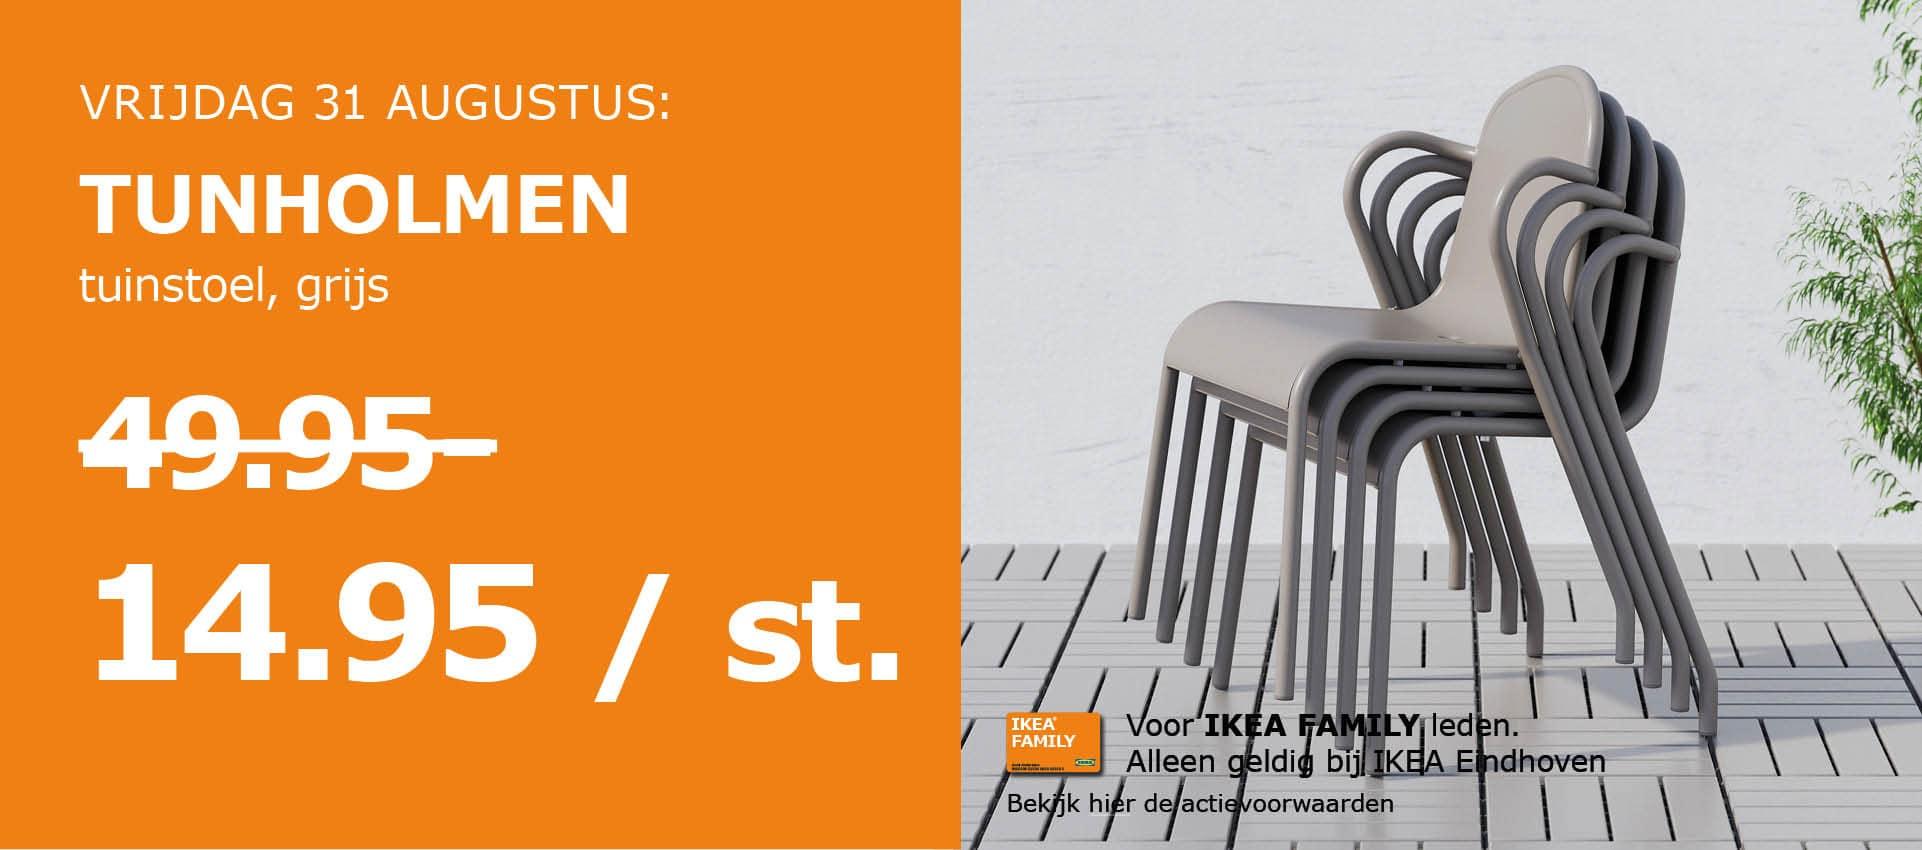 VoordeelVrijdag @ IKEA Eindhoven - o.a. tuinstoel voor €14,94 i.p.v. €49,95